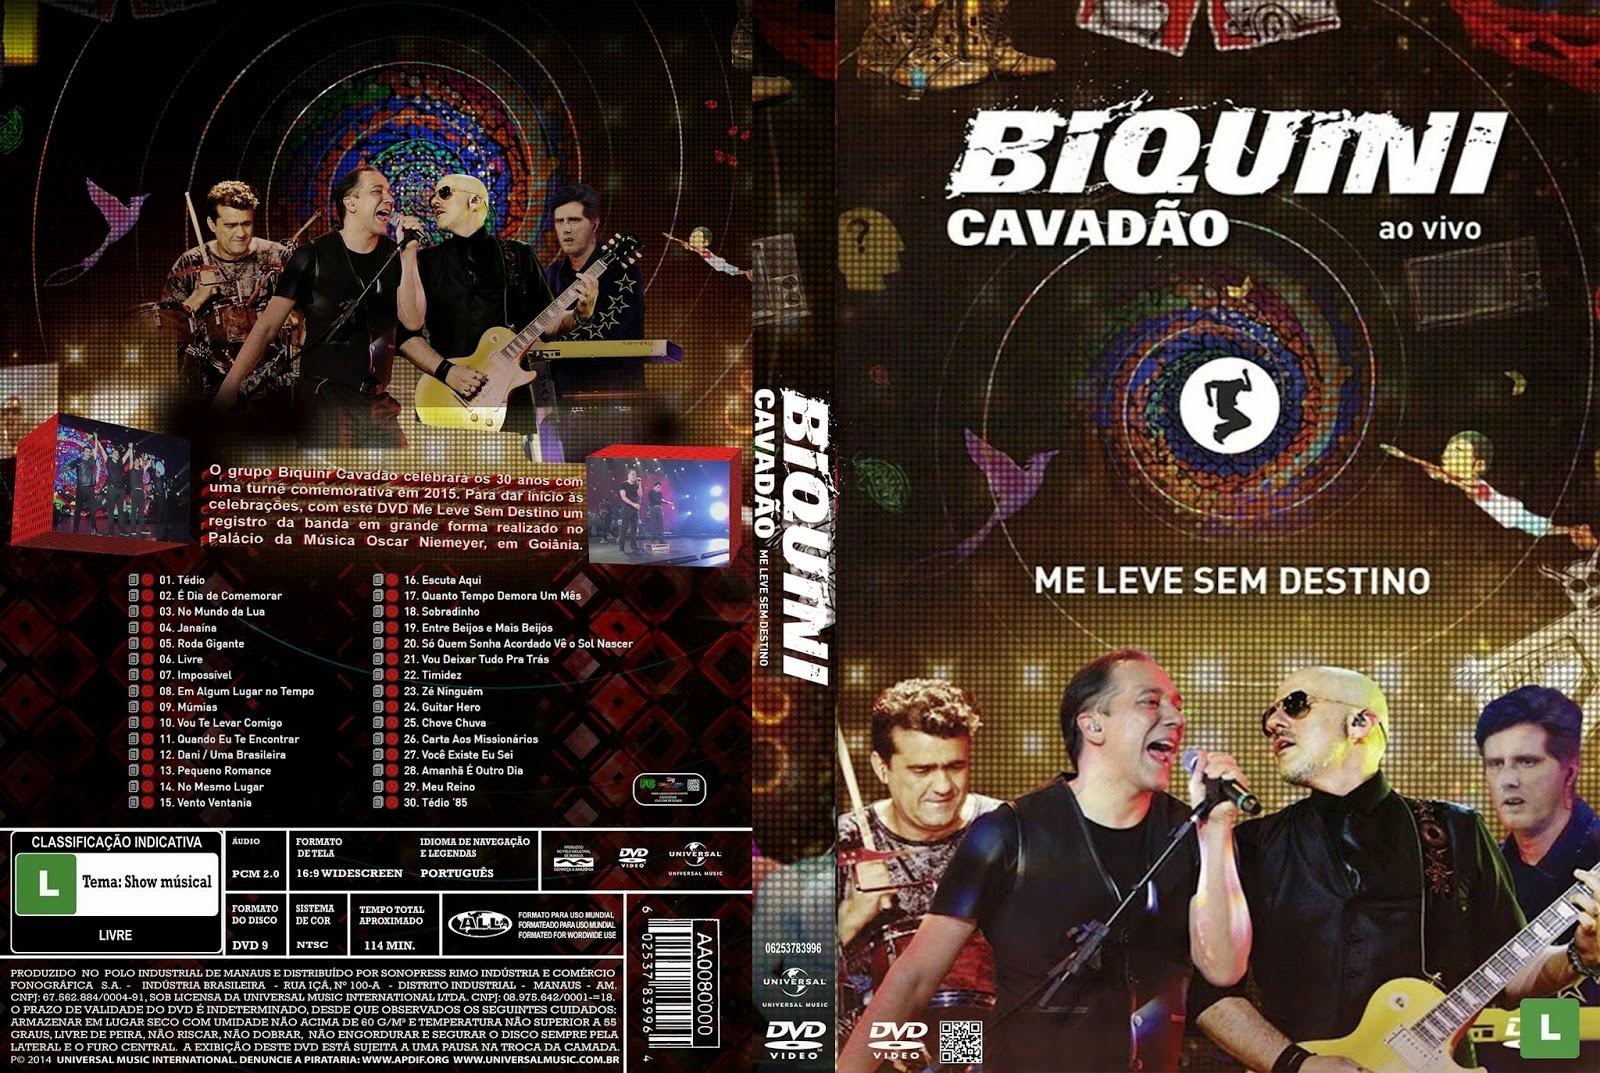 Download Biquini Cavadão Me Leve Sem Destino DVD-R Biquini 2BCavad C3 A3o 2B  2BMe 2BLeve 2BSem 2BDestino 2B  2BXANDAODOWNLOAD